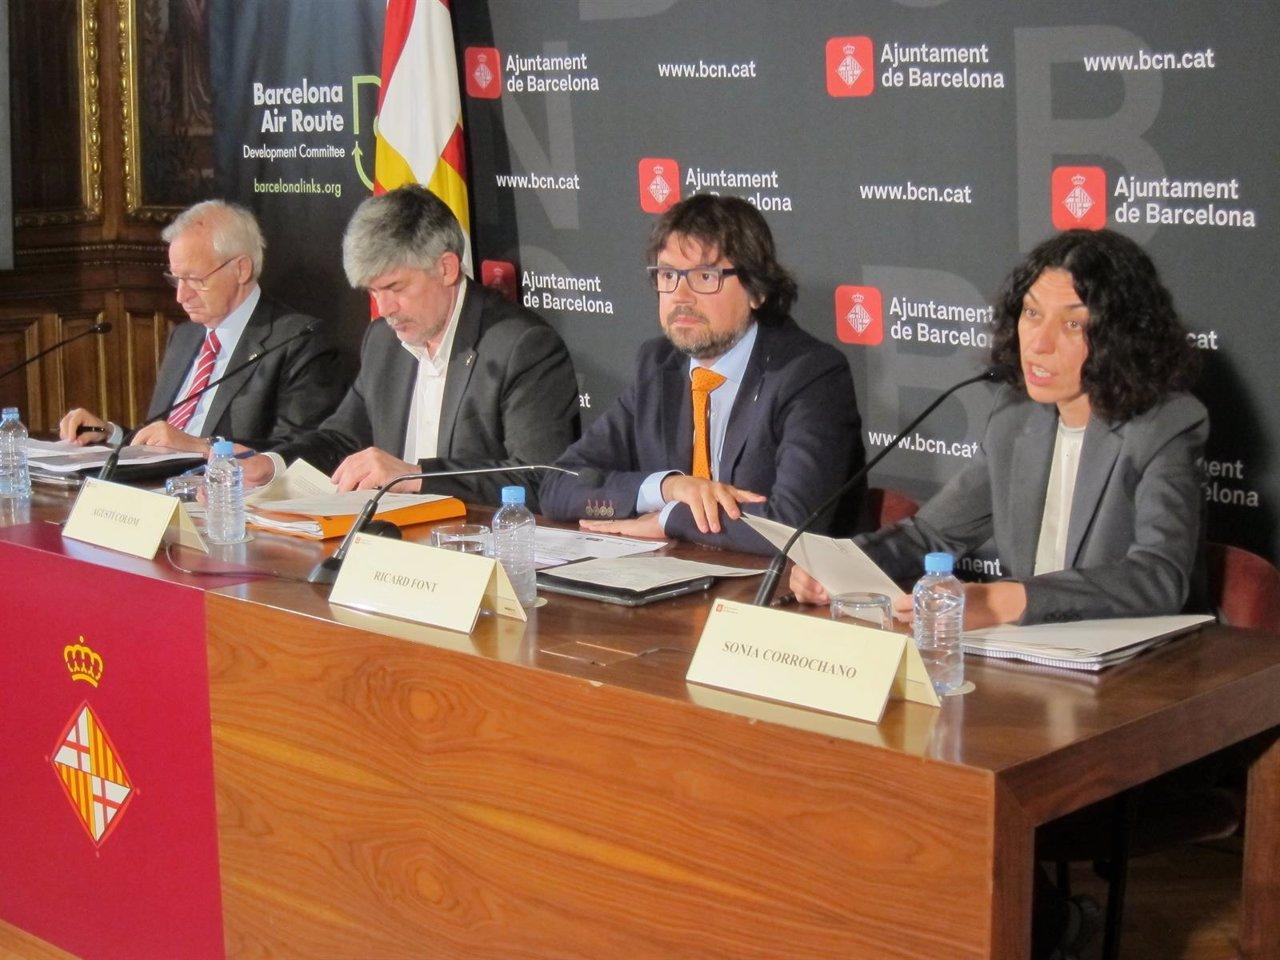 Miquel Valls, Agustí Colom, Ricard Font y Sonia Corrochano (CDRA)